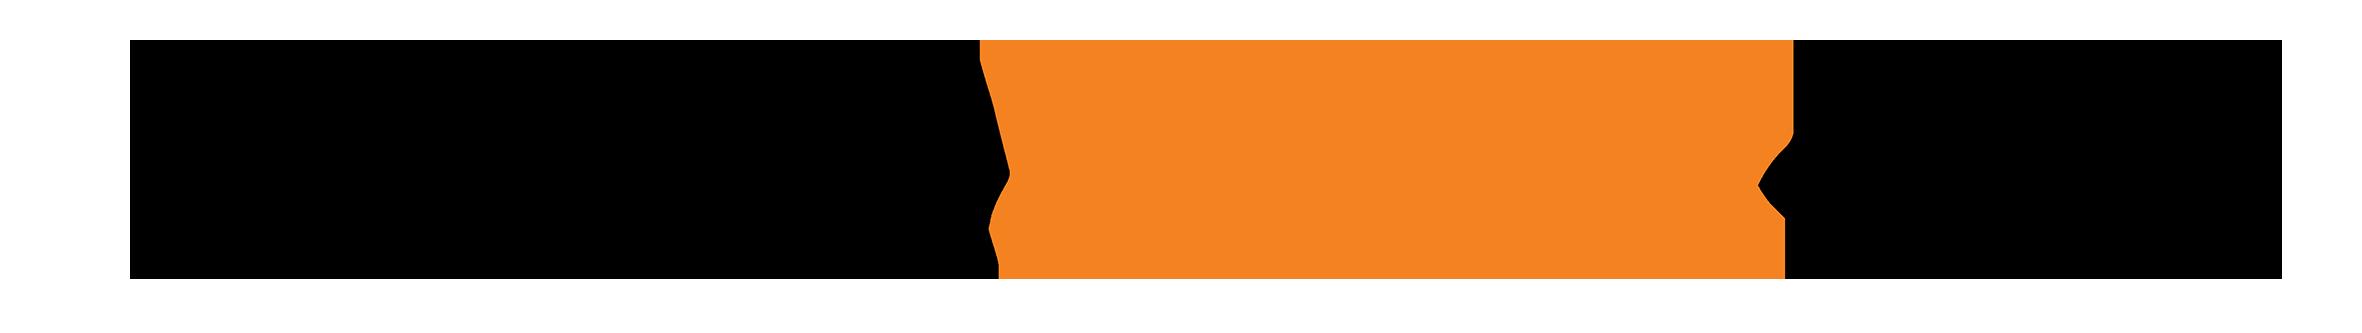 logo Ampex PNG ปัก